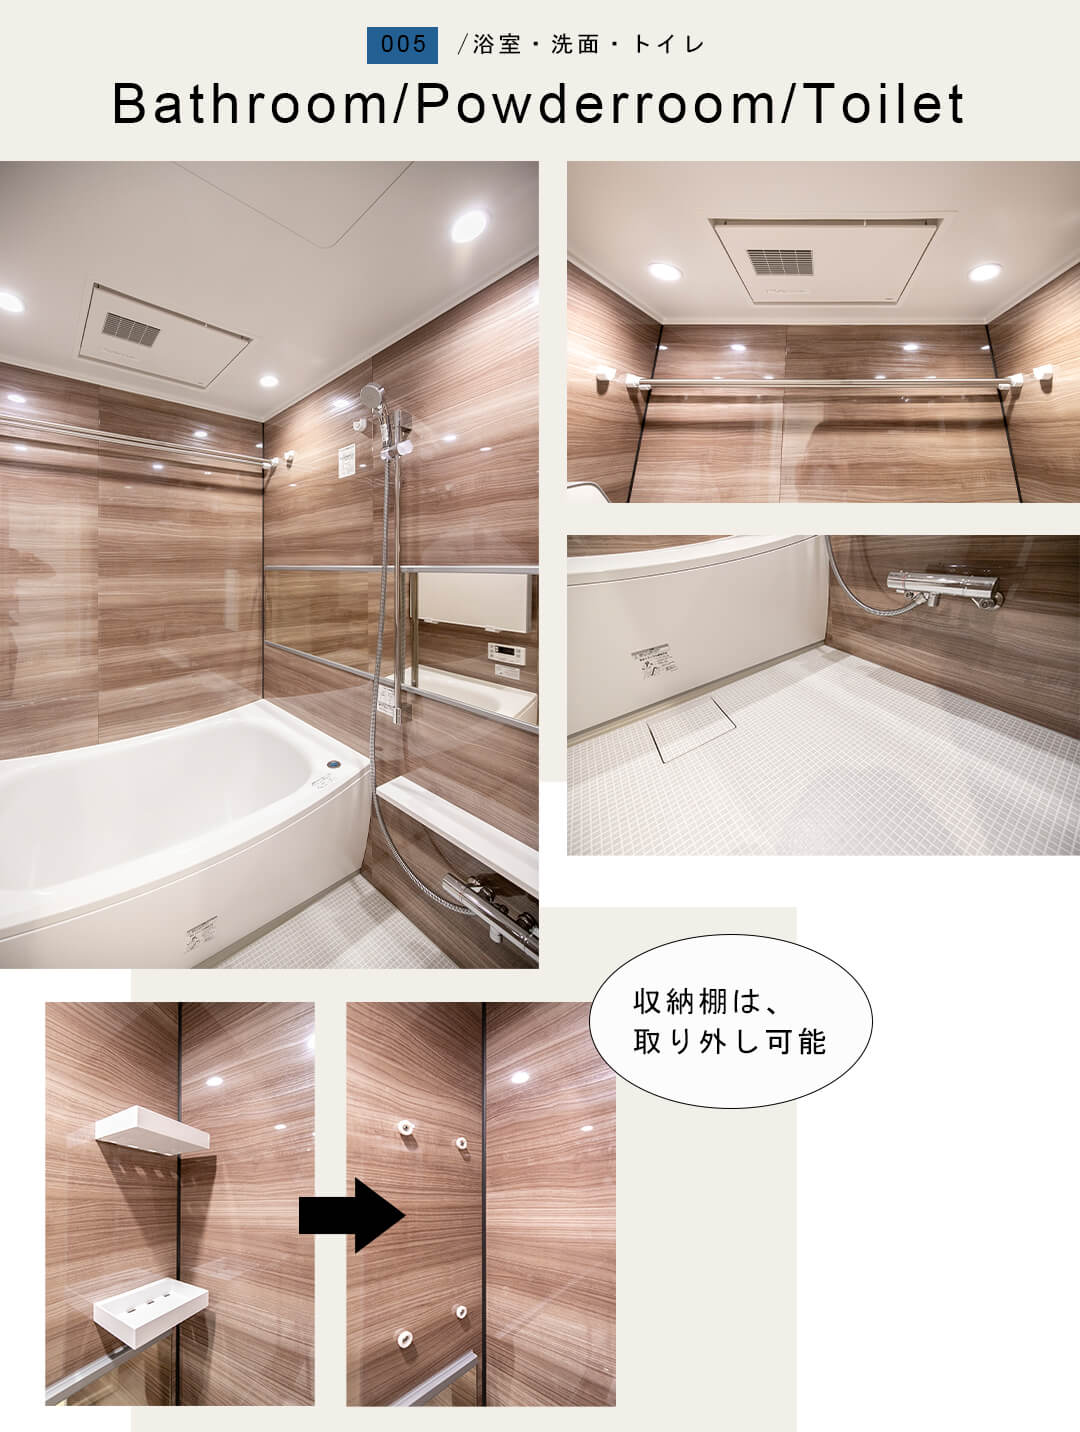 005浴室,洗面,トイレ,Bathroom,Powderroom,Toilet